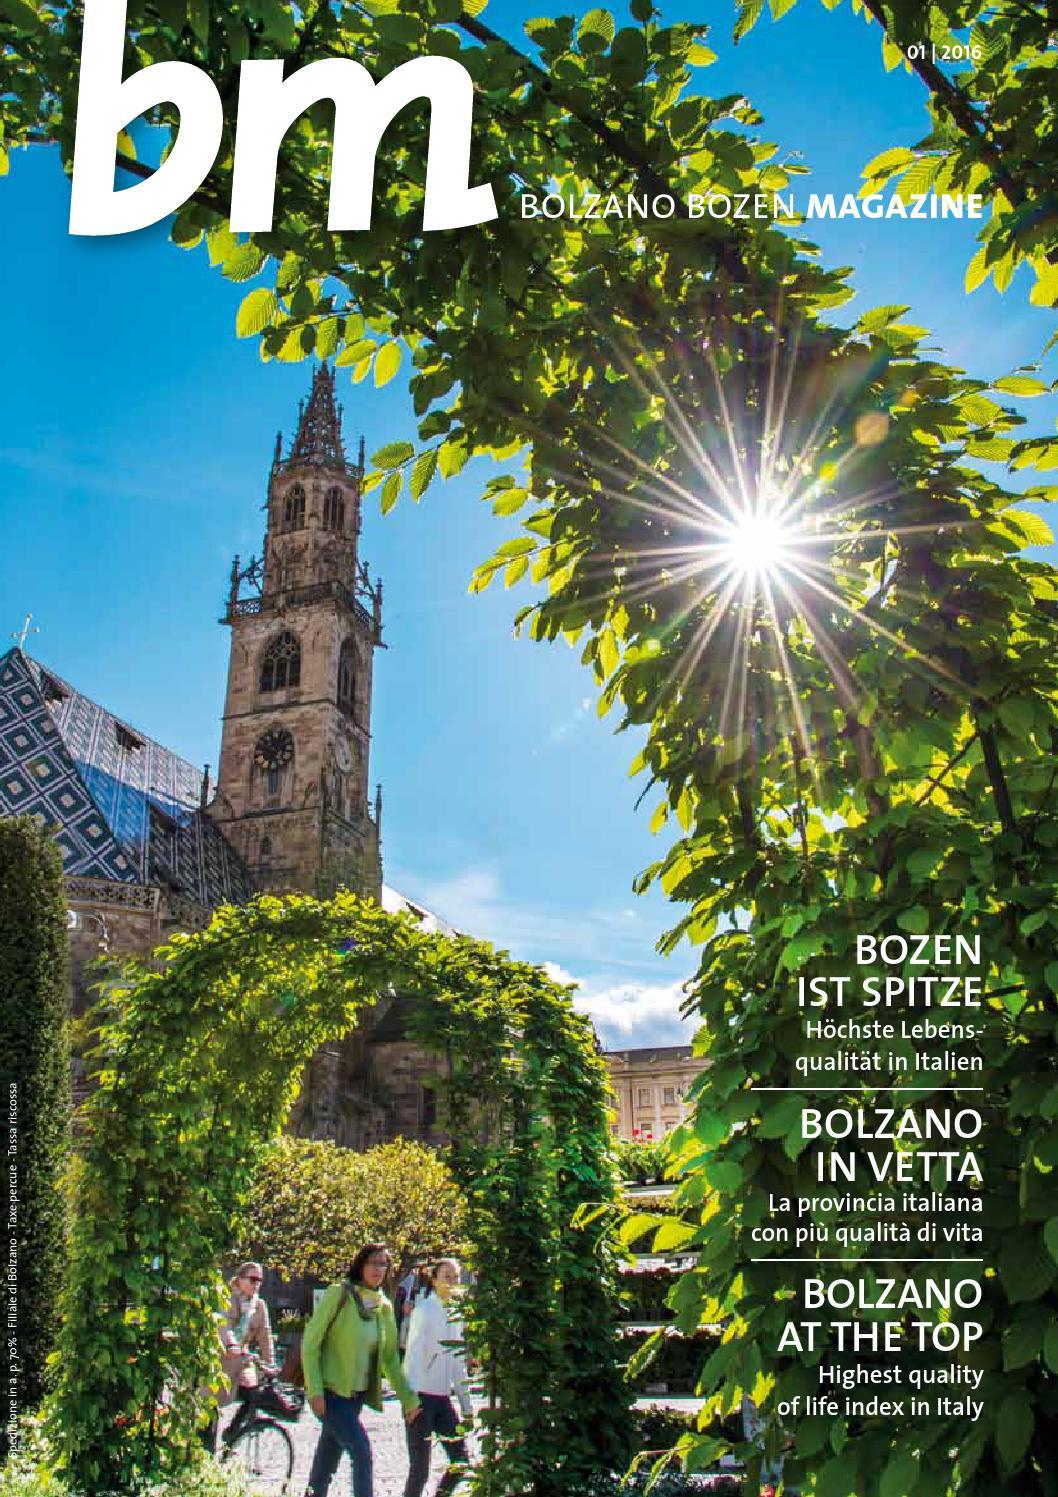 Bolzano bozen magazine 1 2016 by bolzano bozen issuu for Azienda di soggiorno bolzano